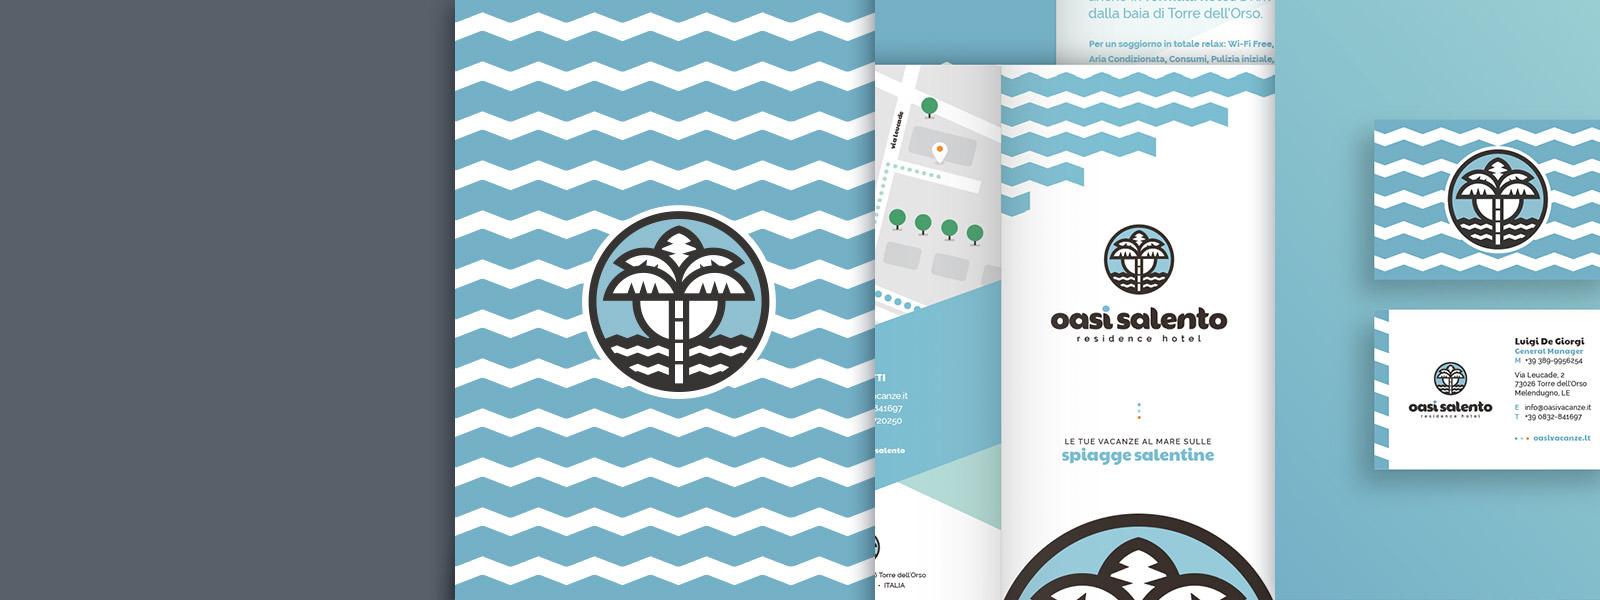 Muse Comunicazione - OasiSalento: Brand e Logo Design